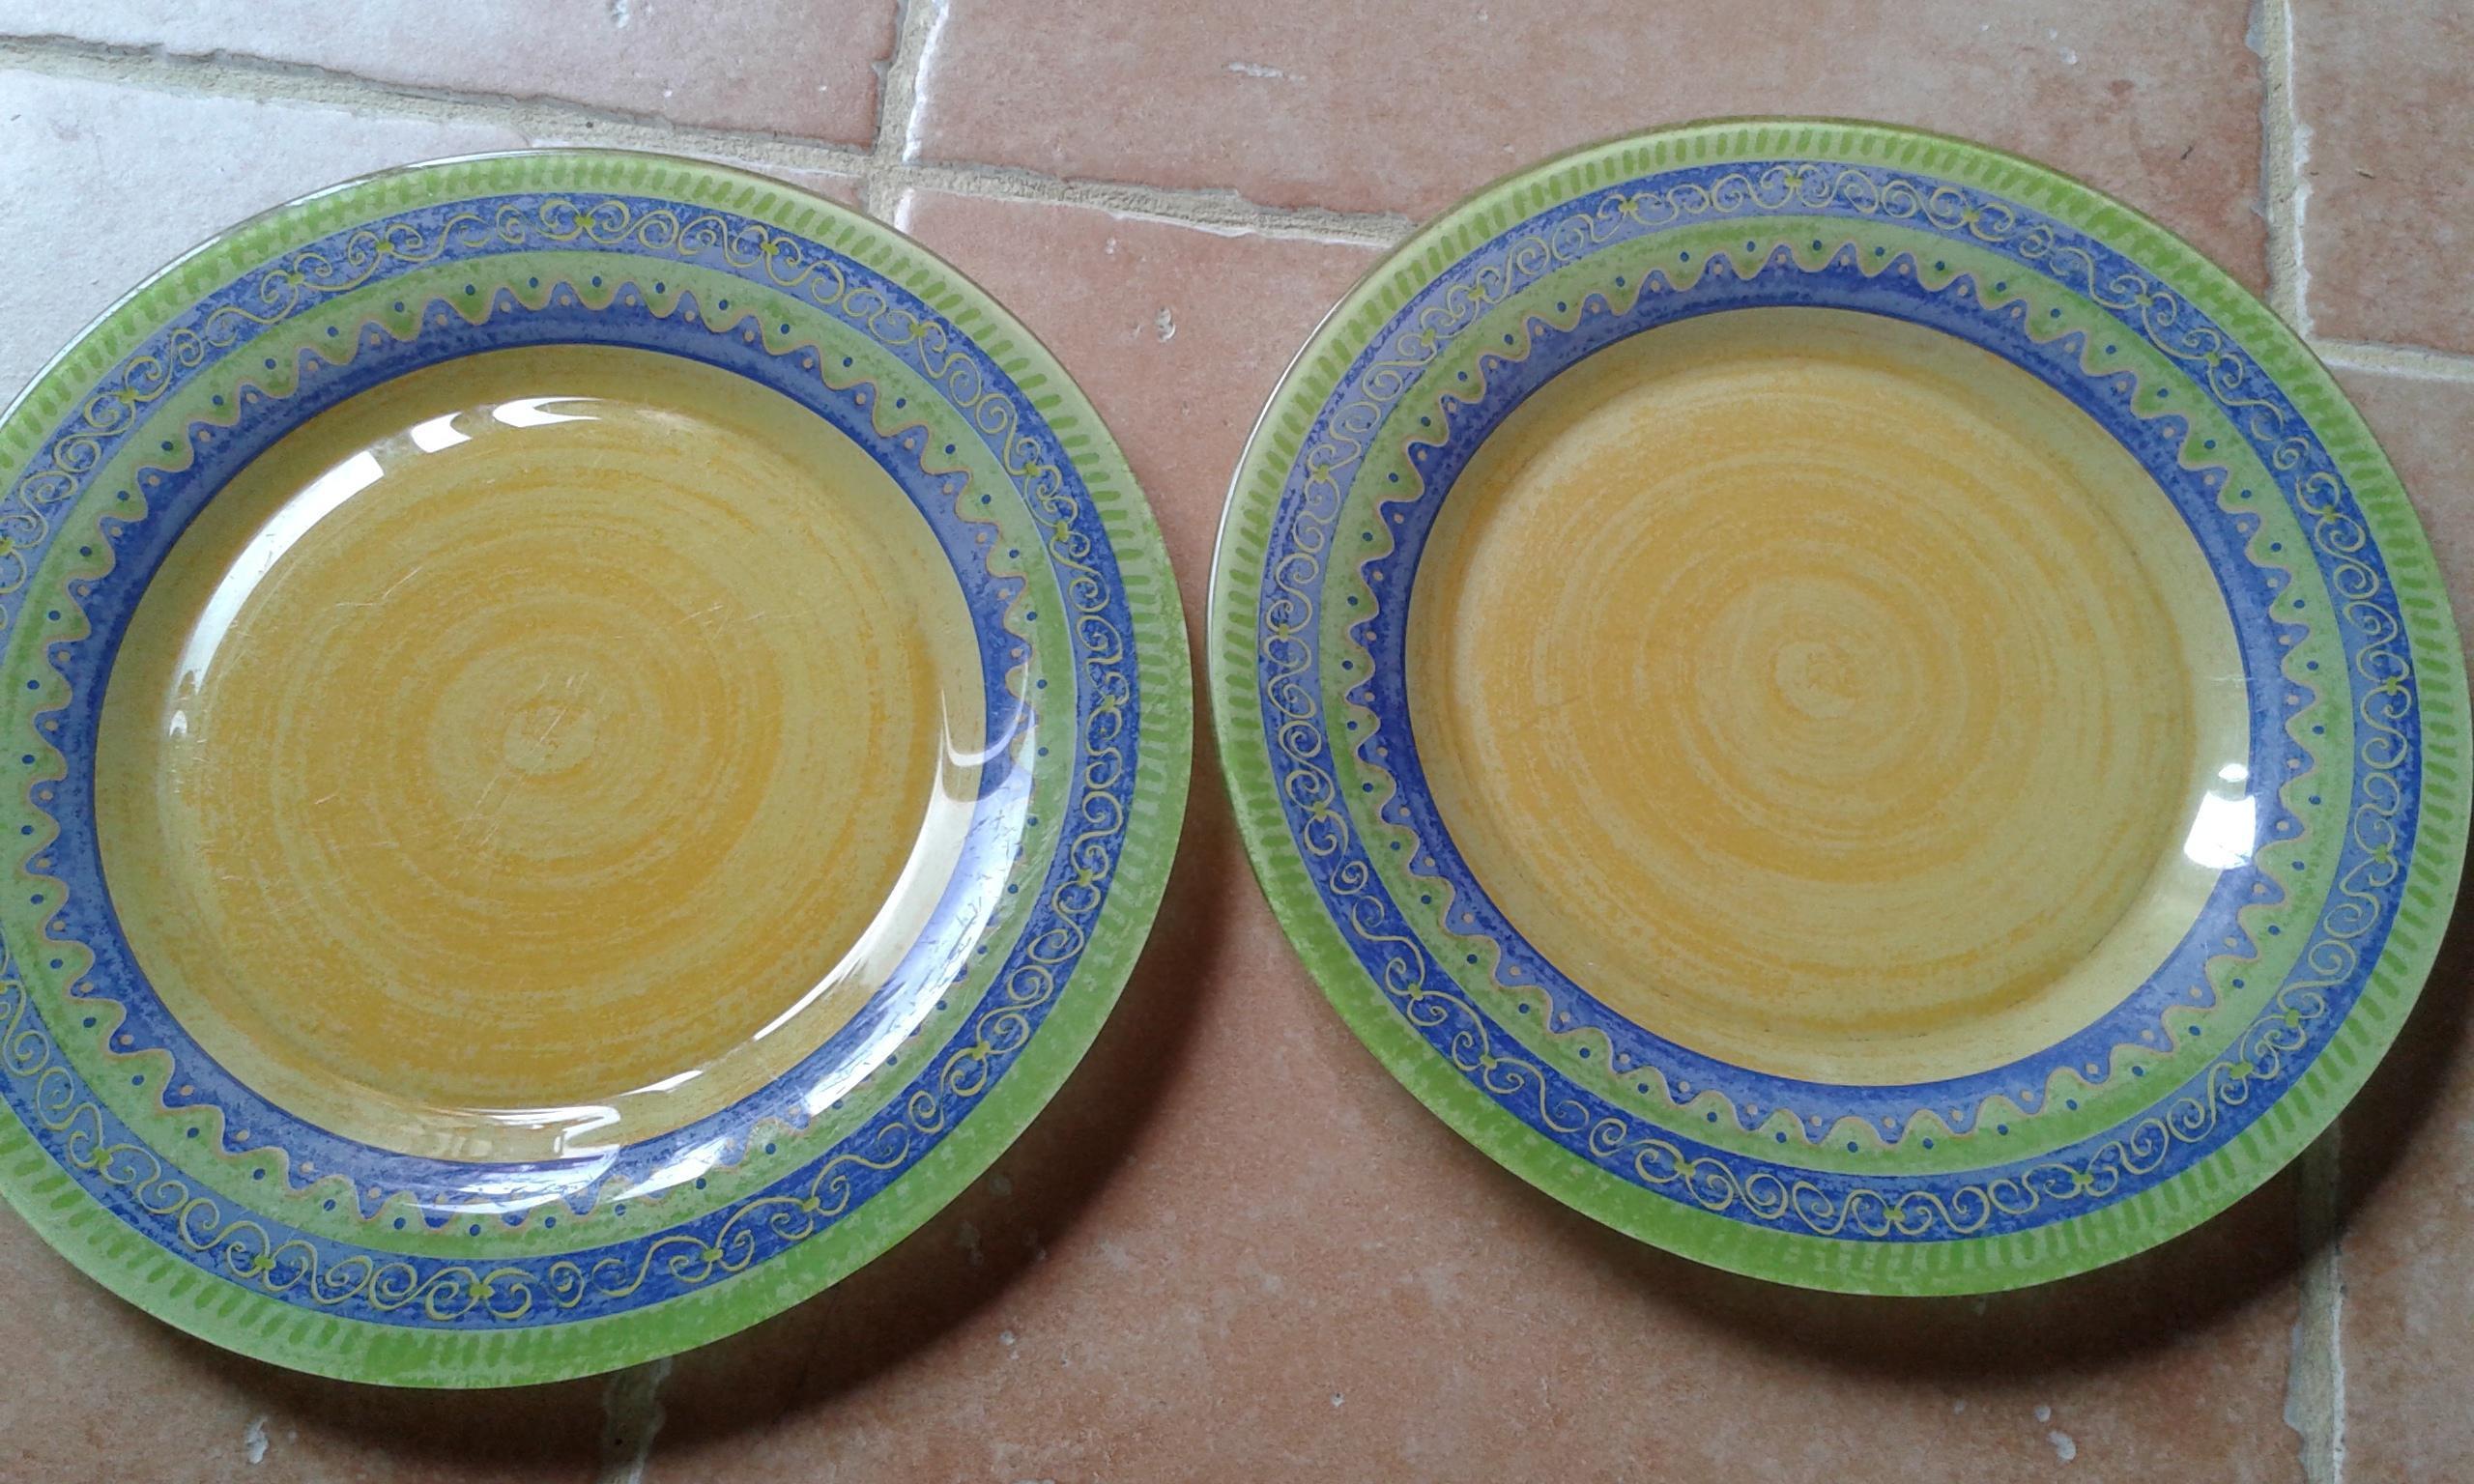 troc de troc lot de 2 assiettes arcopal image 0